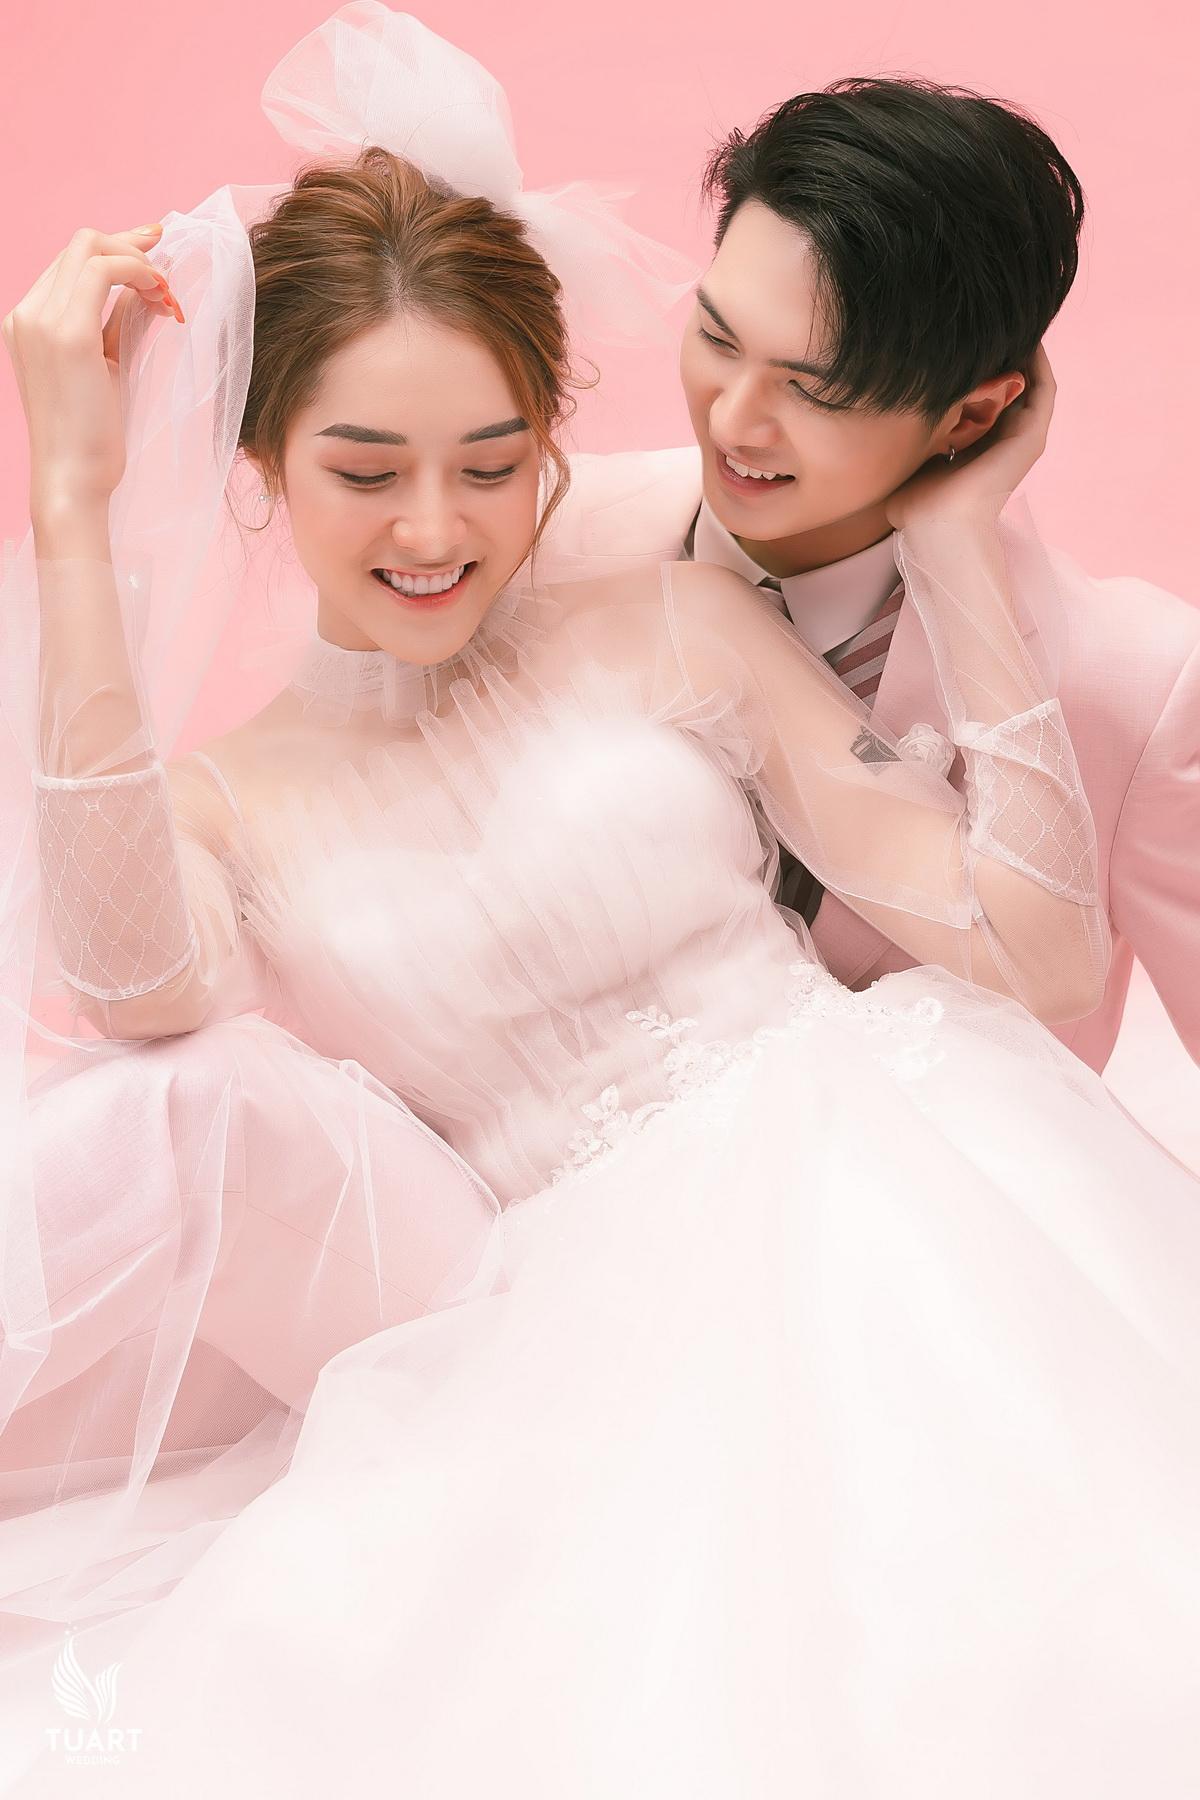 Album ảnh cưới đẹp tại Hà Nội - TuArt Galaxy 22